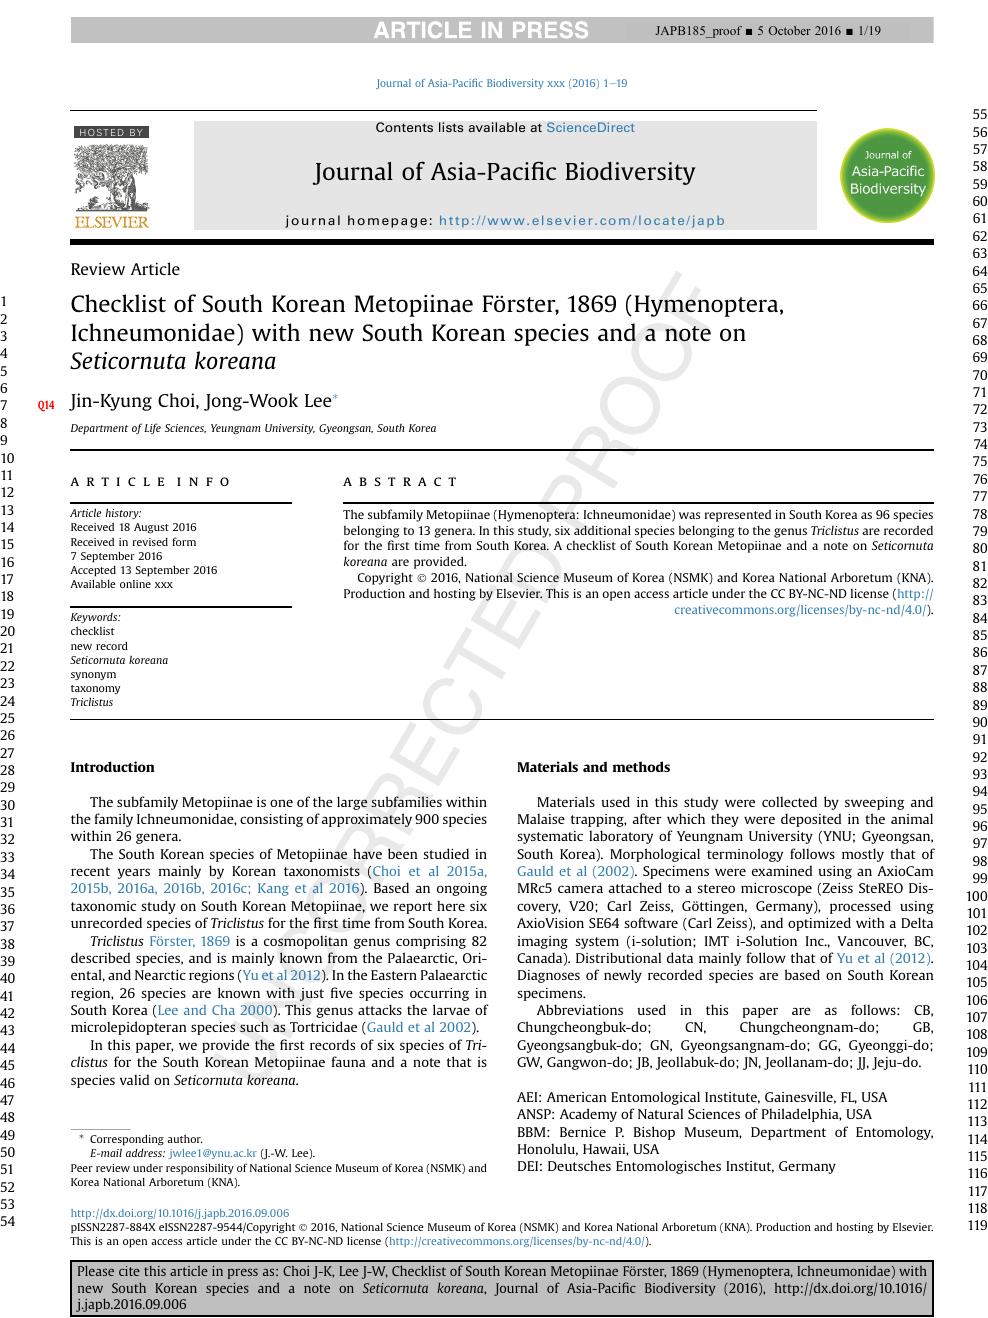 Checklist Of South Korean Metopiinae Förster 1869